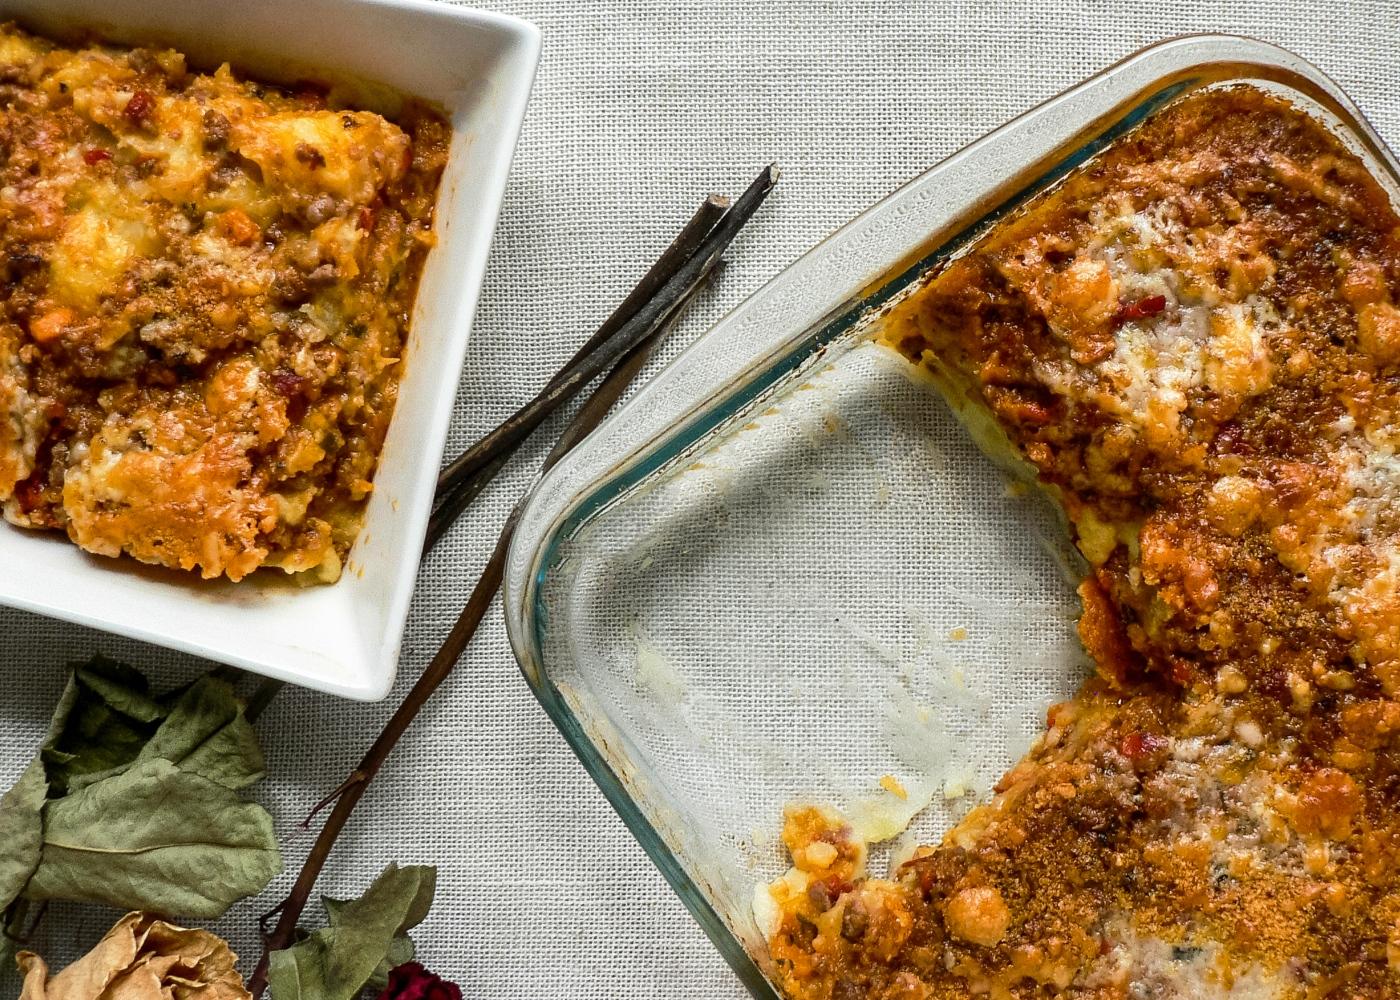 Receitas doces e salgadas com cenoura: empadão de cenoura